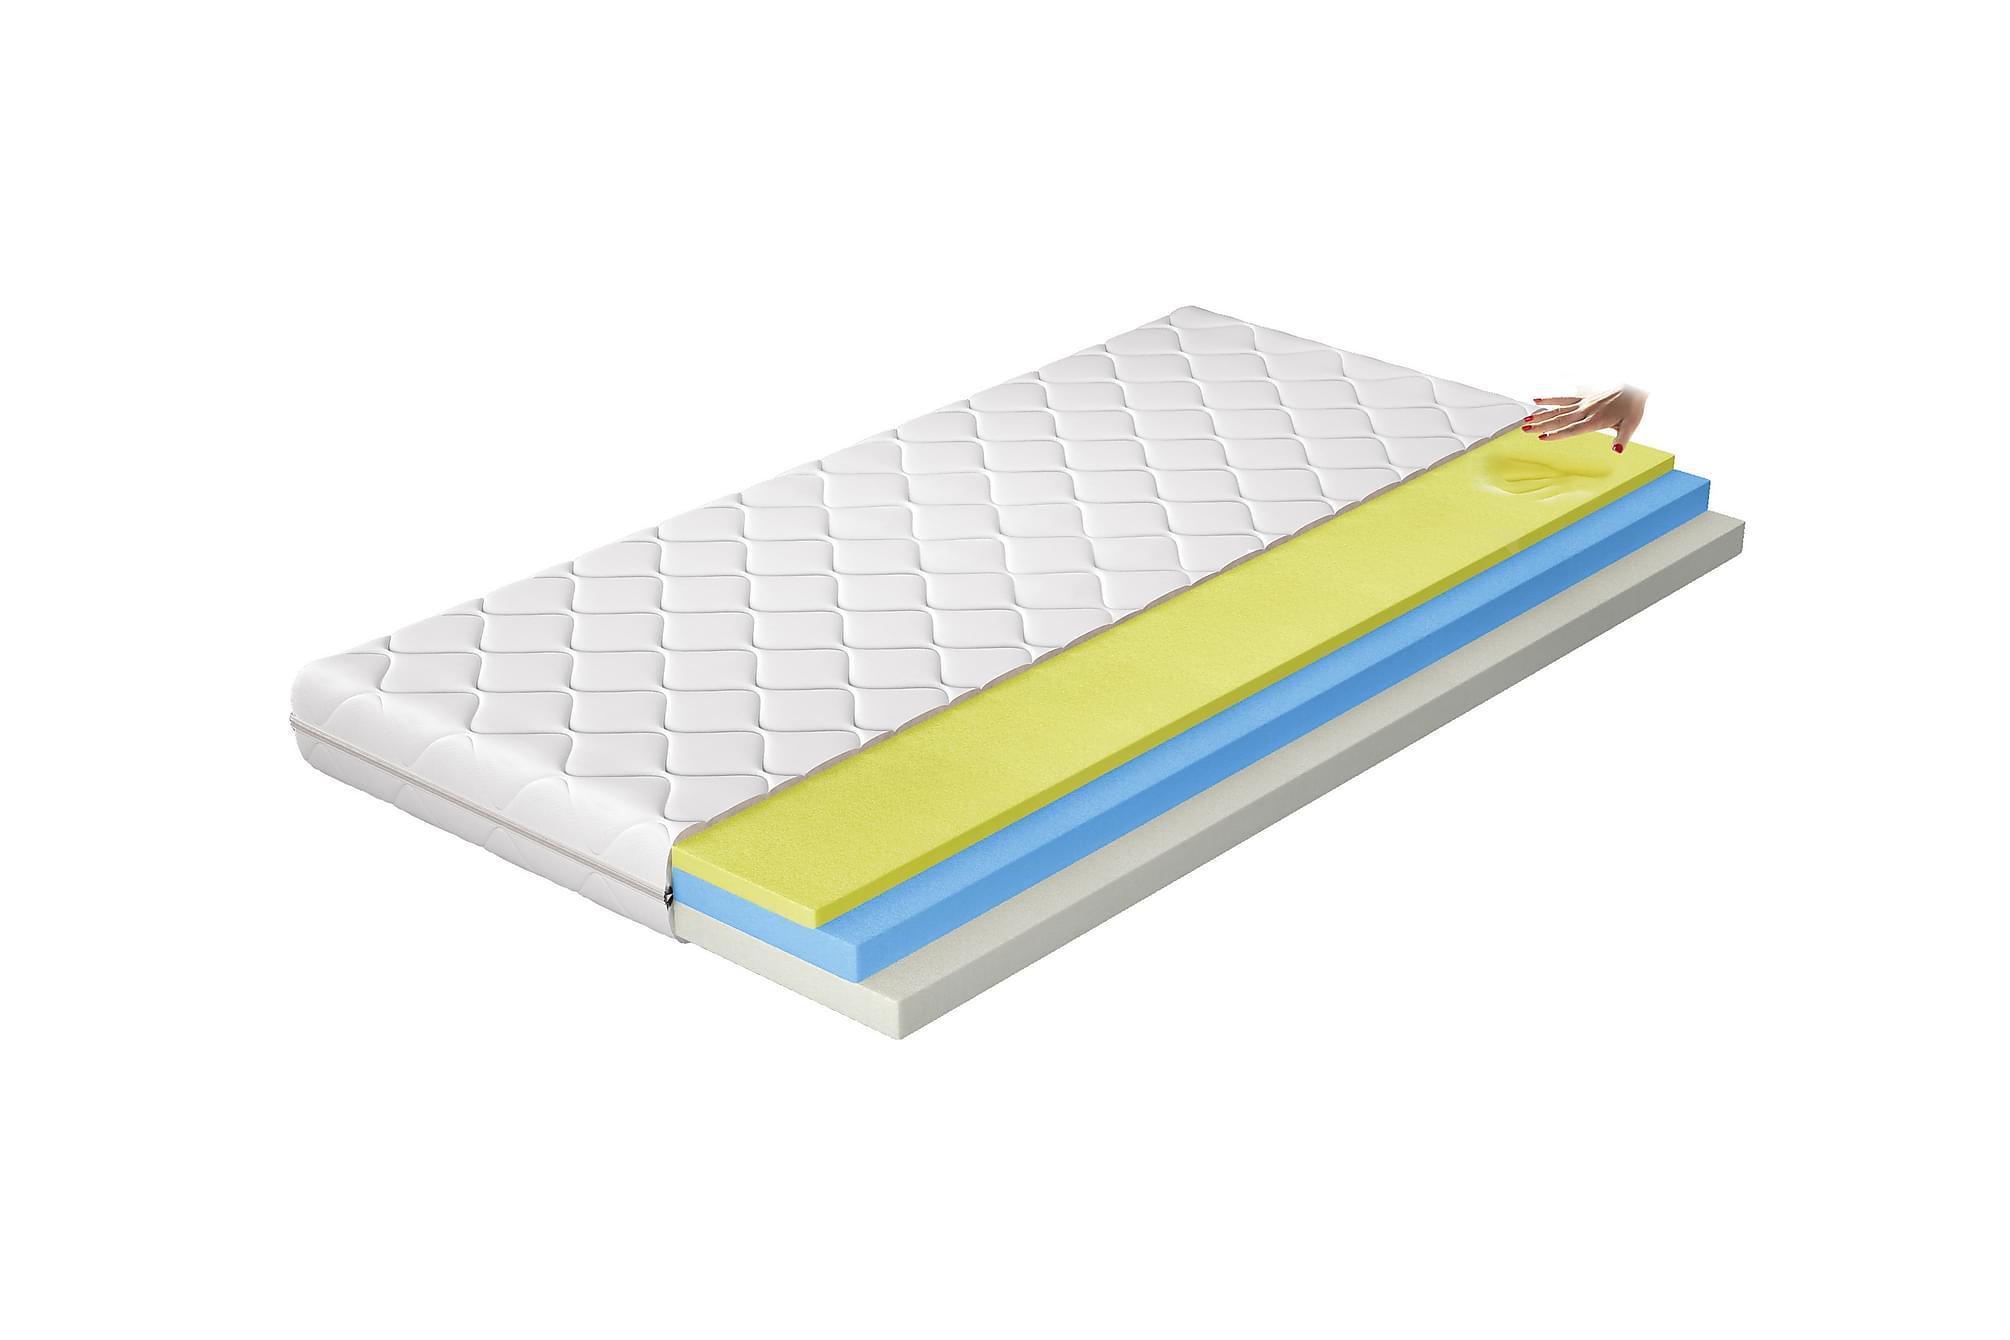 AJANEDO Madrass 140x200 cm Vit, Övriga madrasser & tillbehör